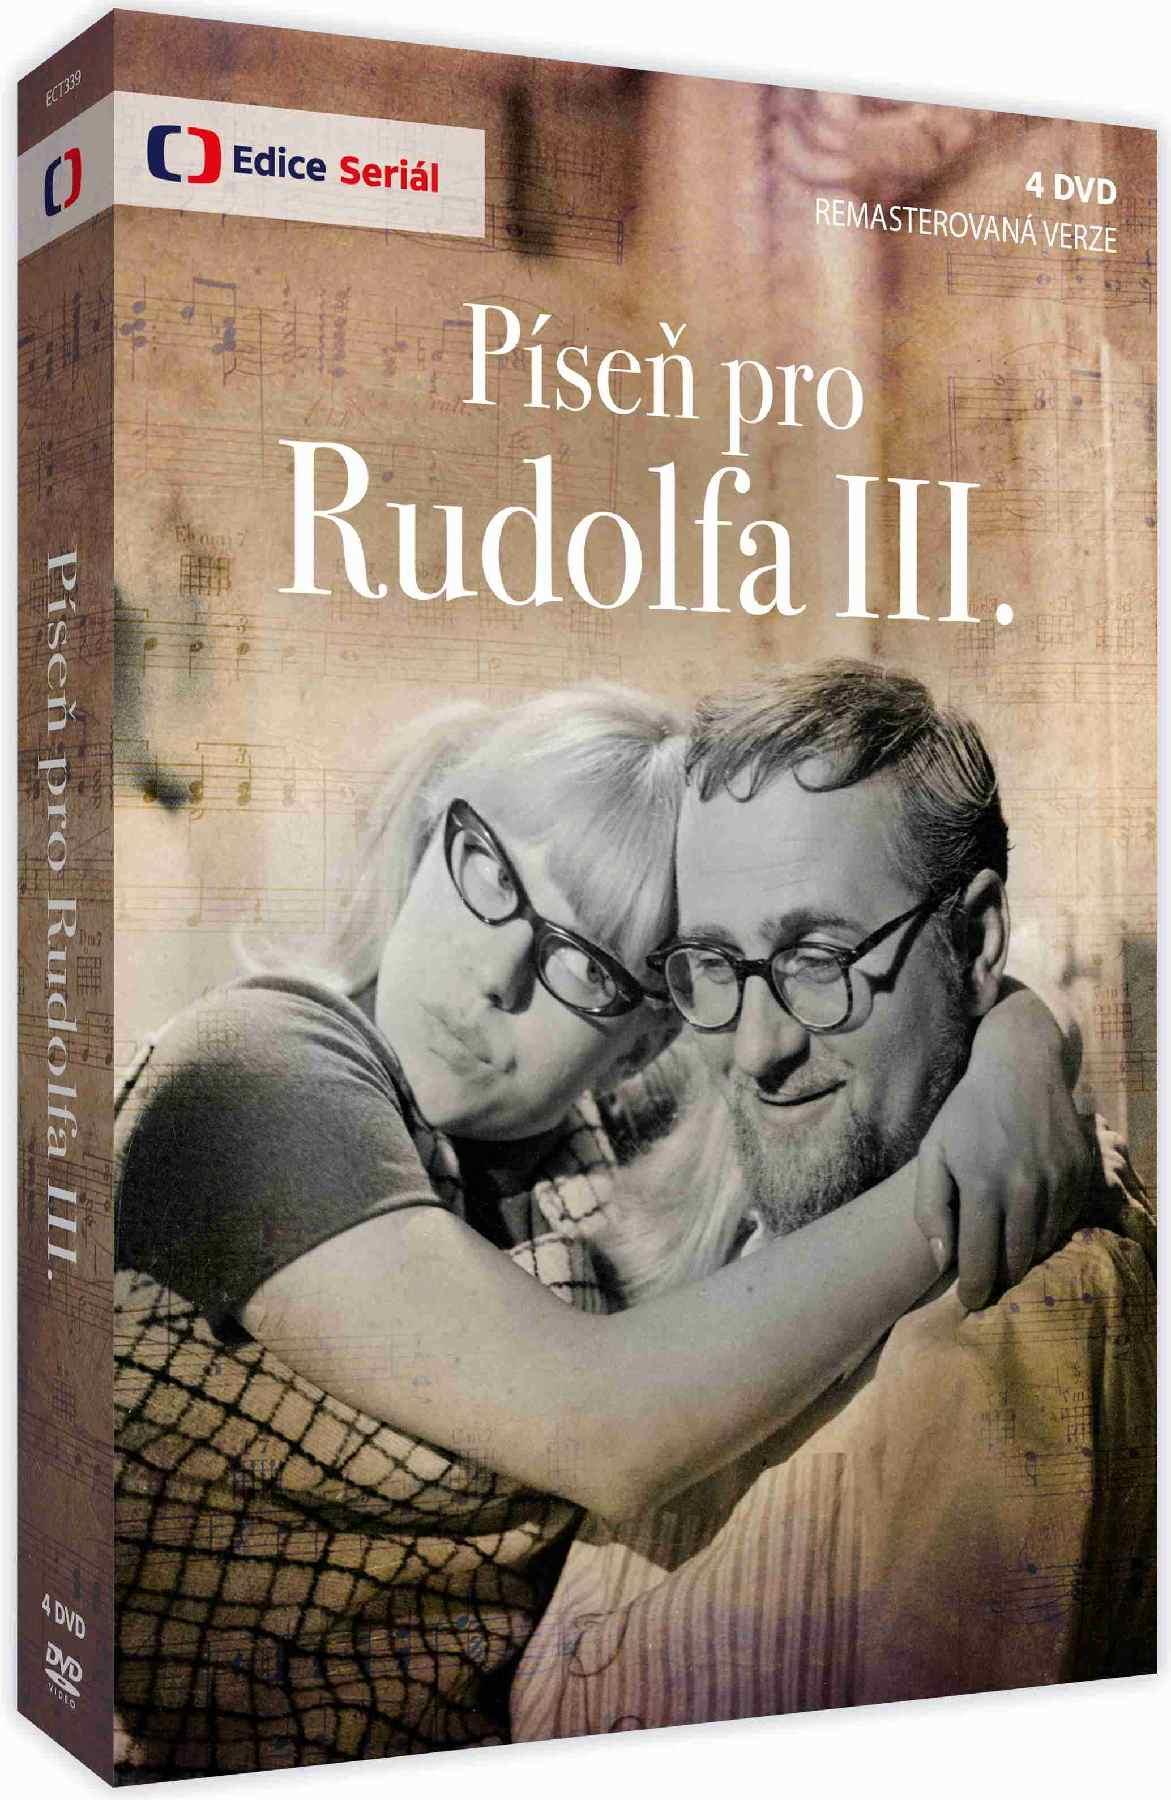 Píseň pro Rudolfa III. - 4 DVD (remasterovaná verze)